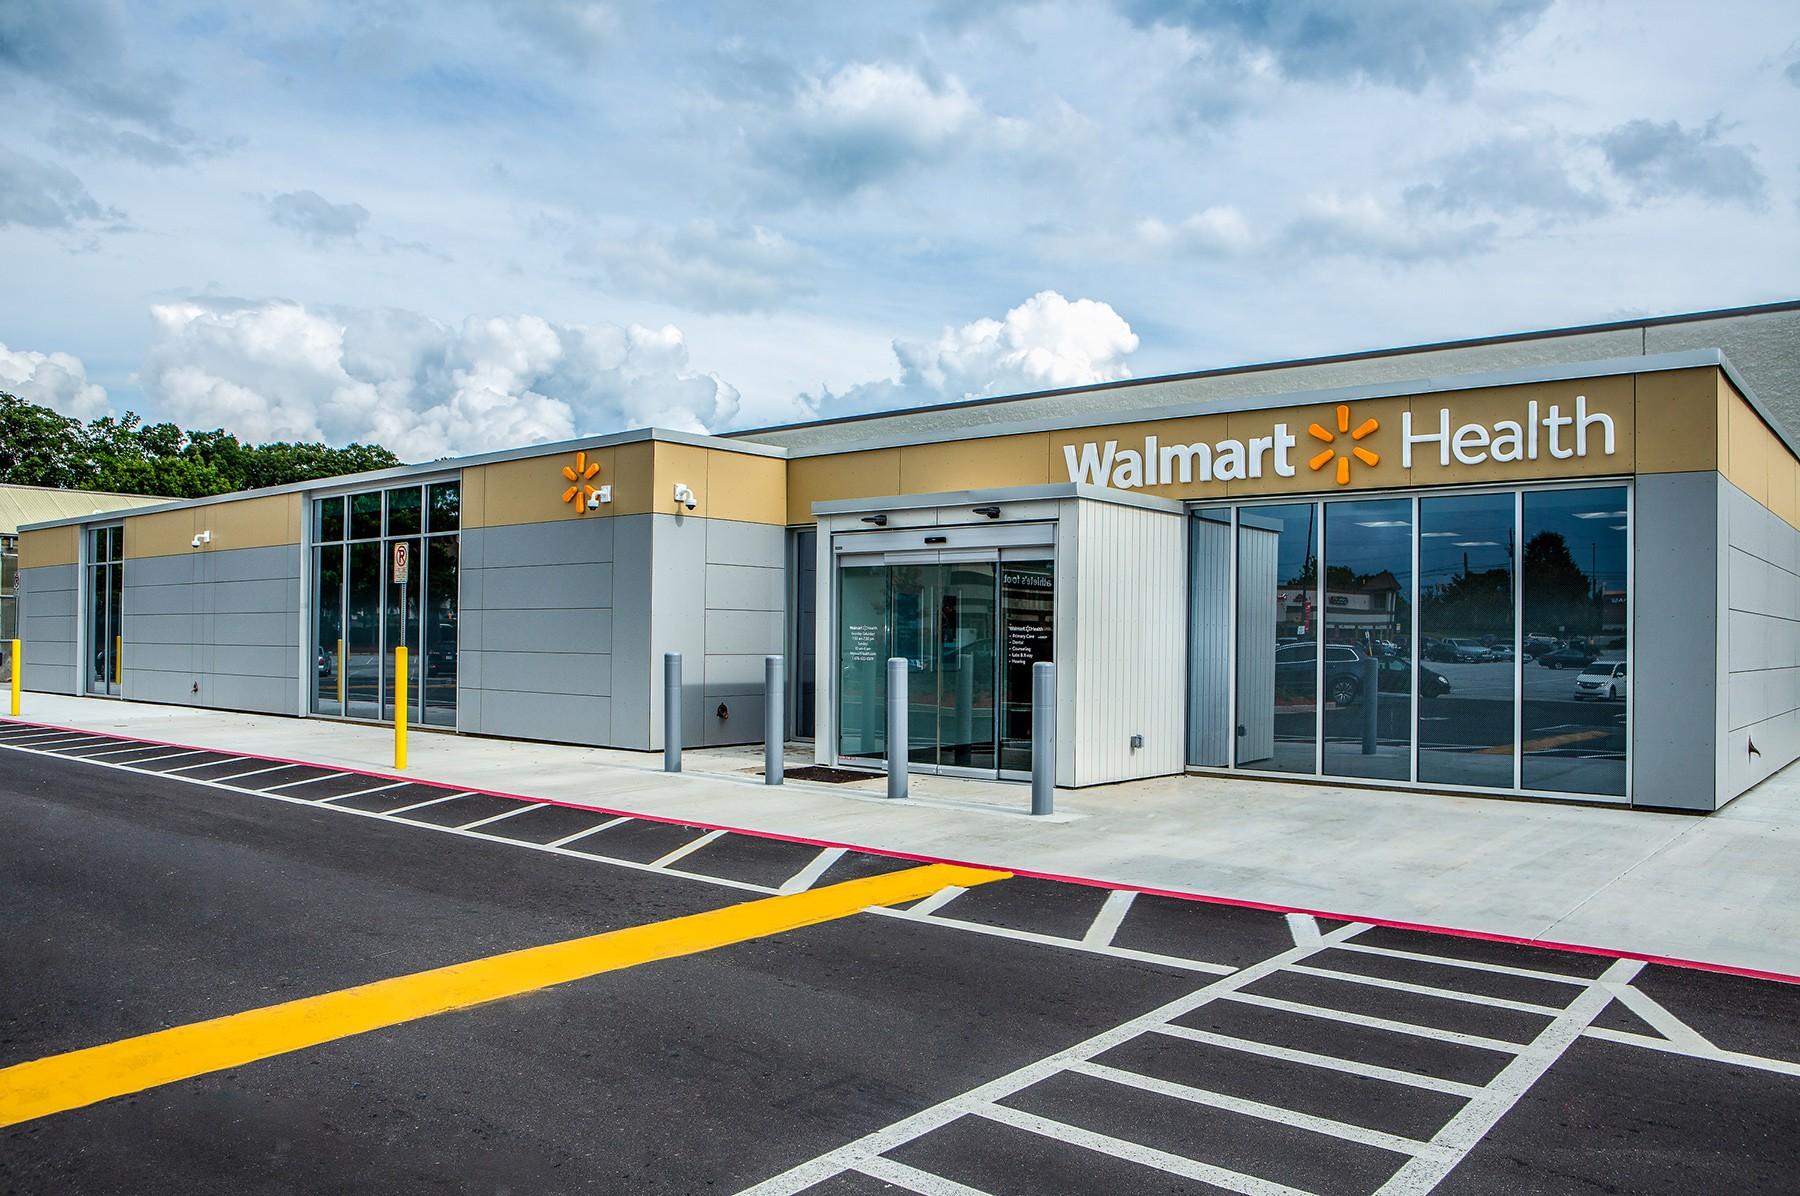 Walmart Health McDonough Exterior